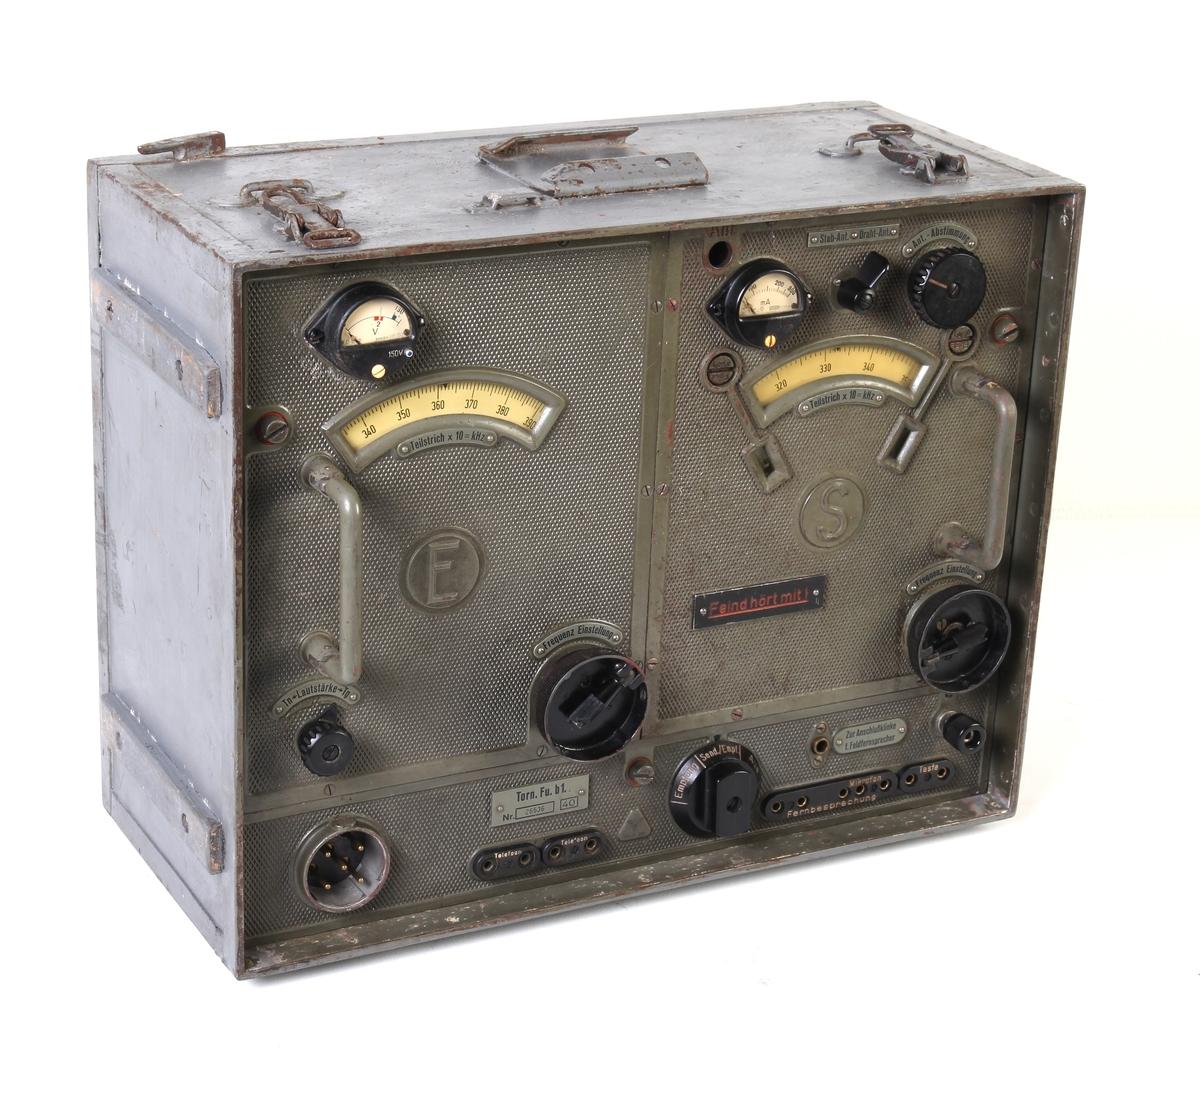 Komplett radiosamband fra Kvalavåg festning